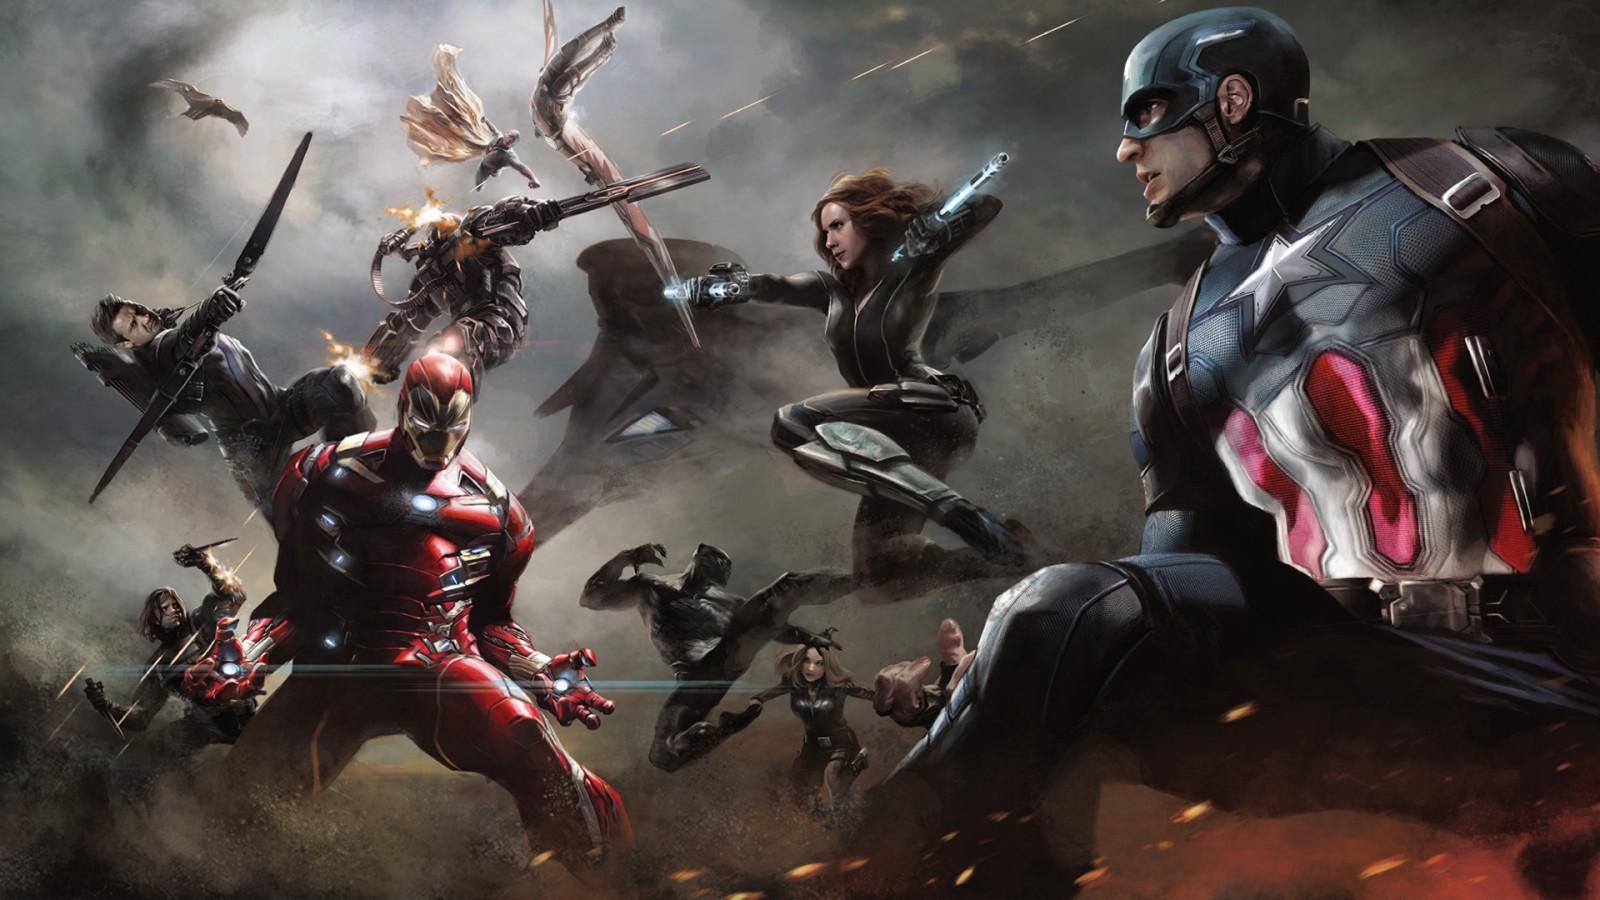 Wallpapers Hd Widescreen High Quality Desktop 3d Captain America Civil War Artwork Wallpapers Hd